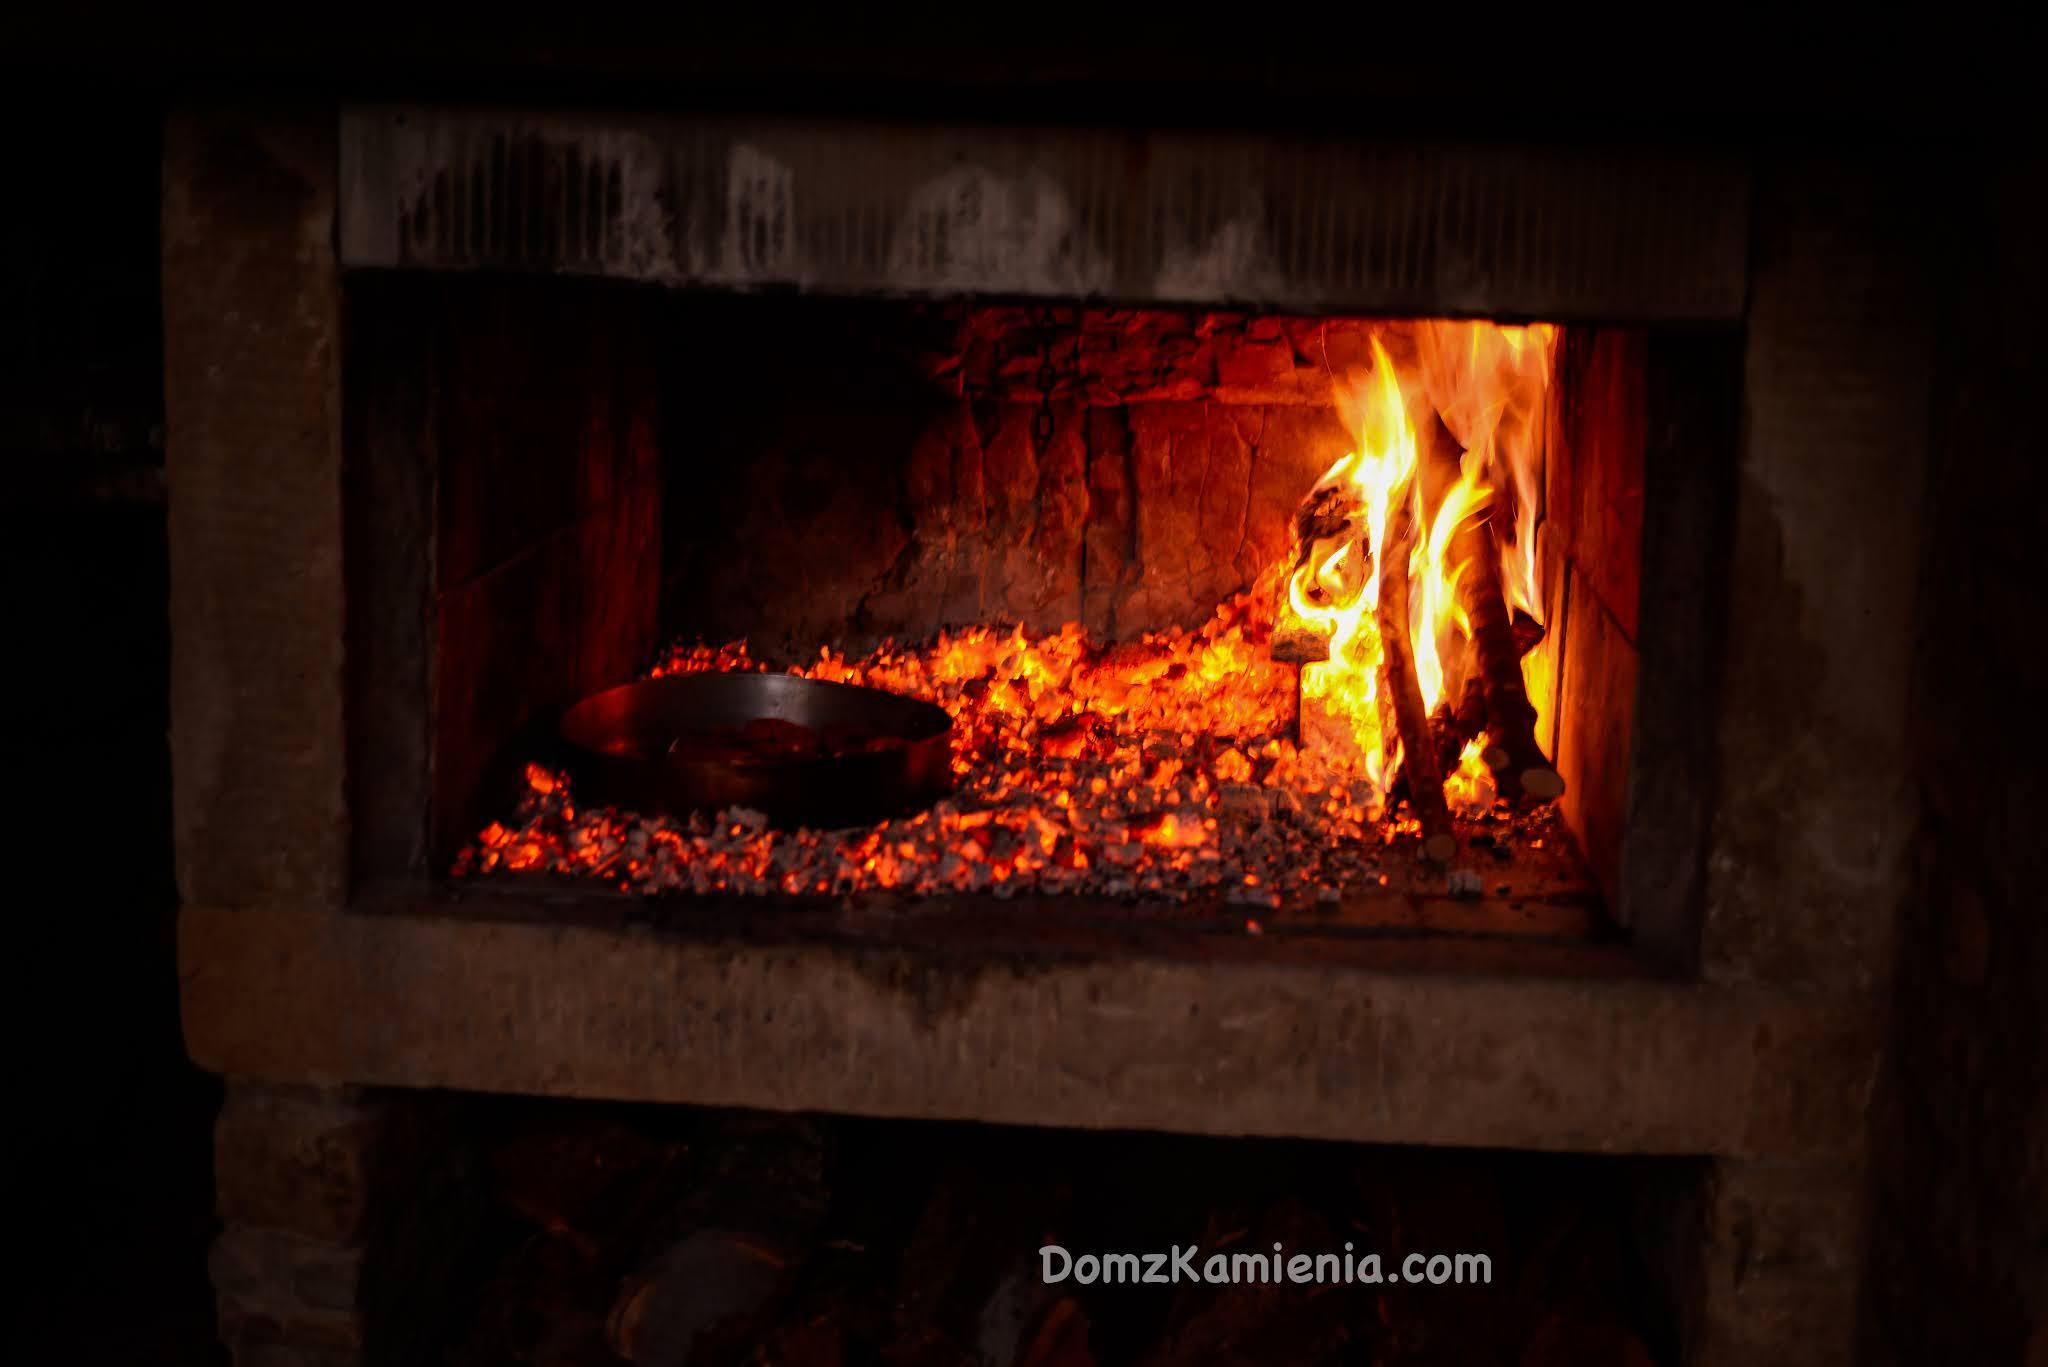 Dom z Kamienia warsztaty kulinarno trekkingowe w Marradi